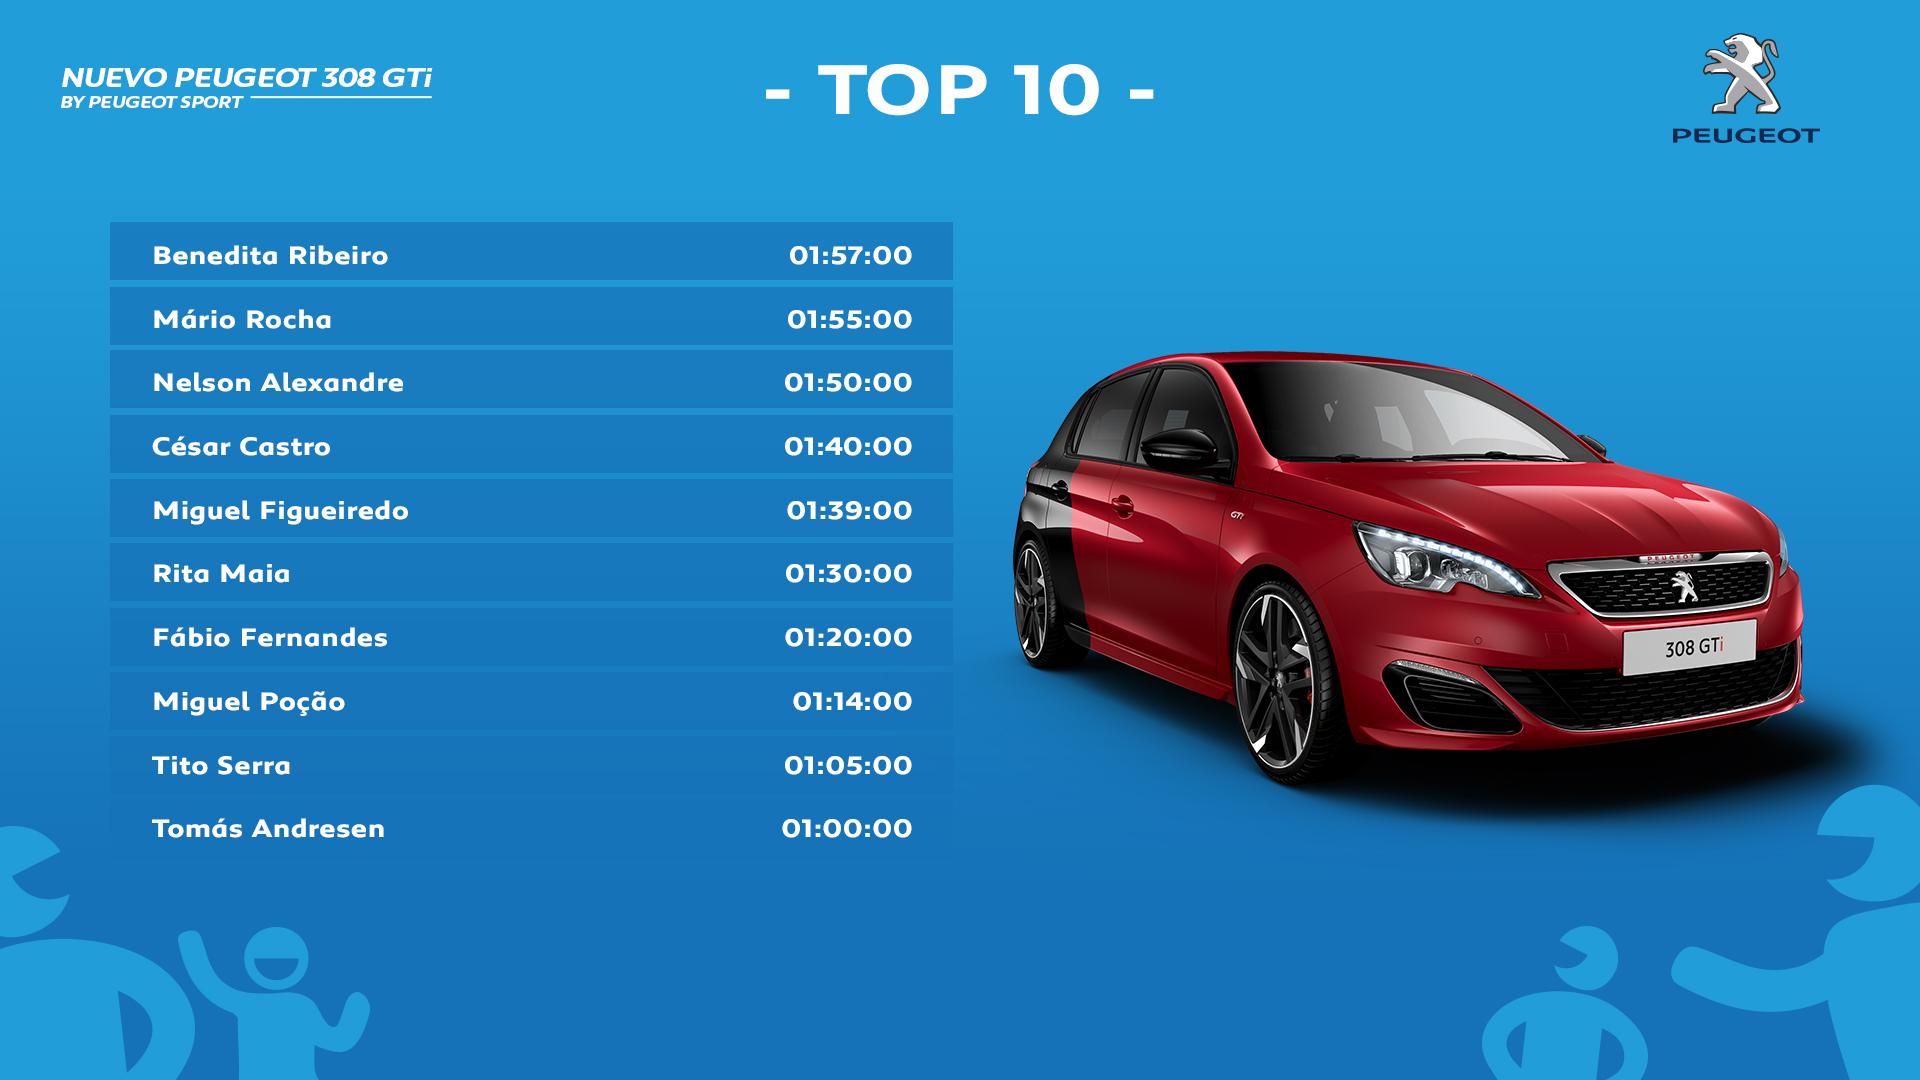 Peugeot_Ecra5_top10_v3.png